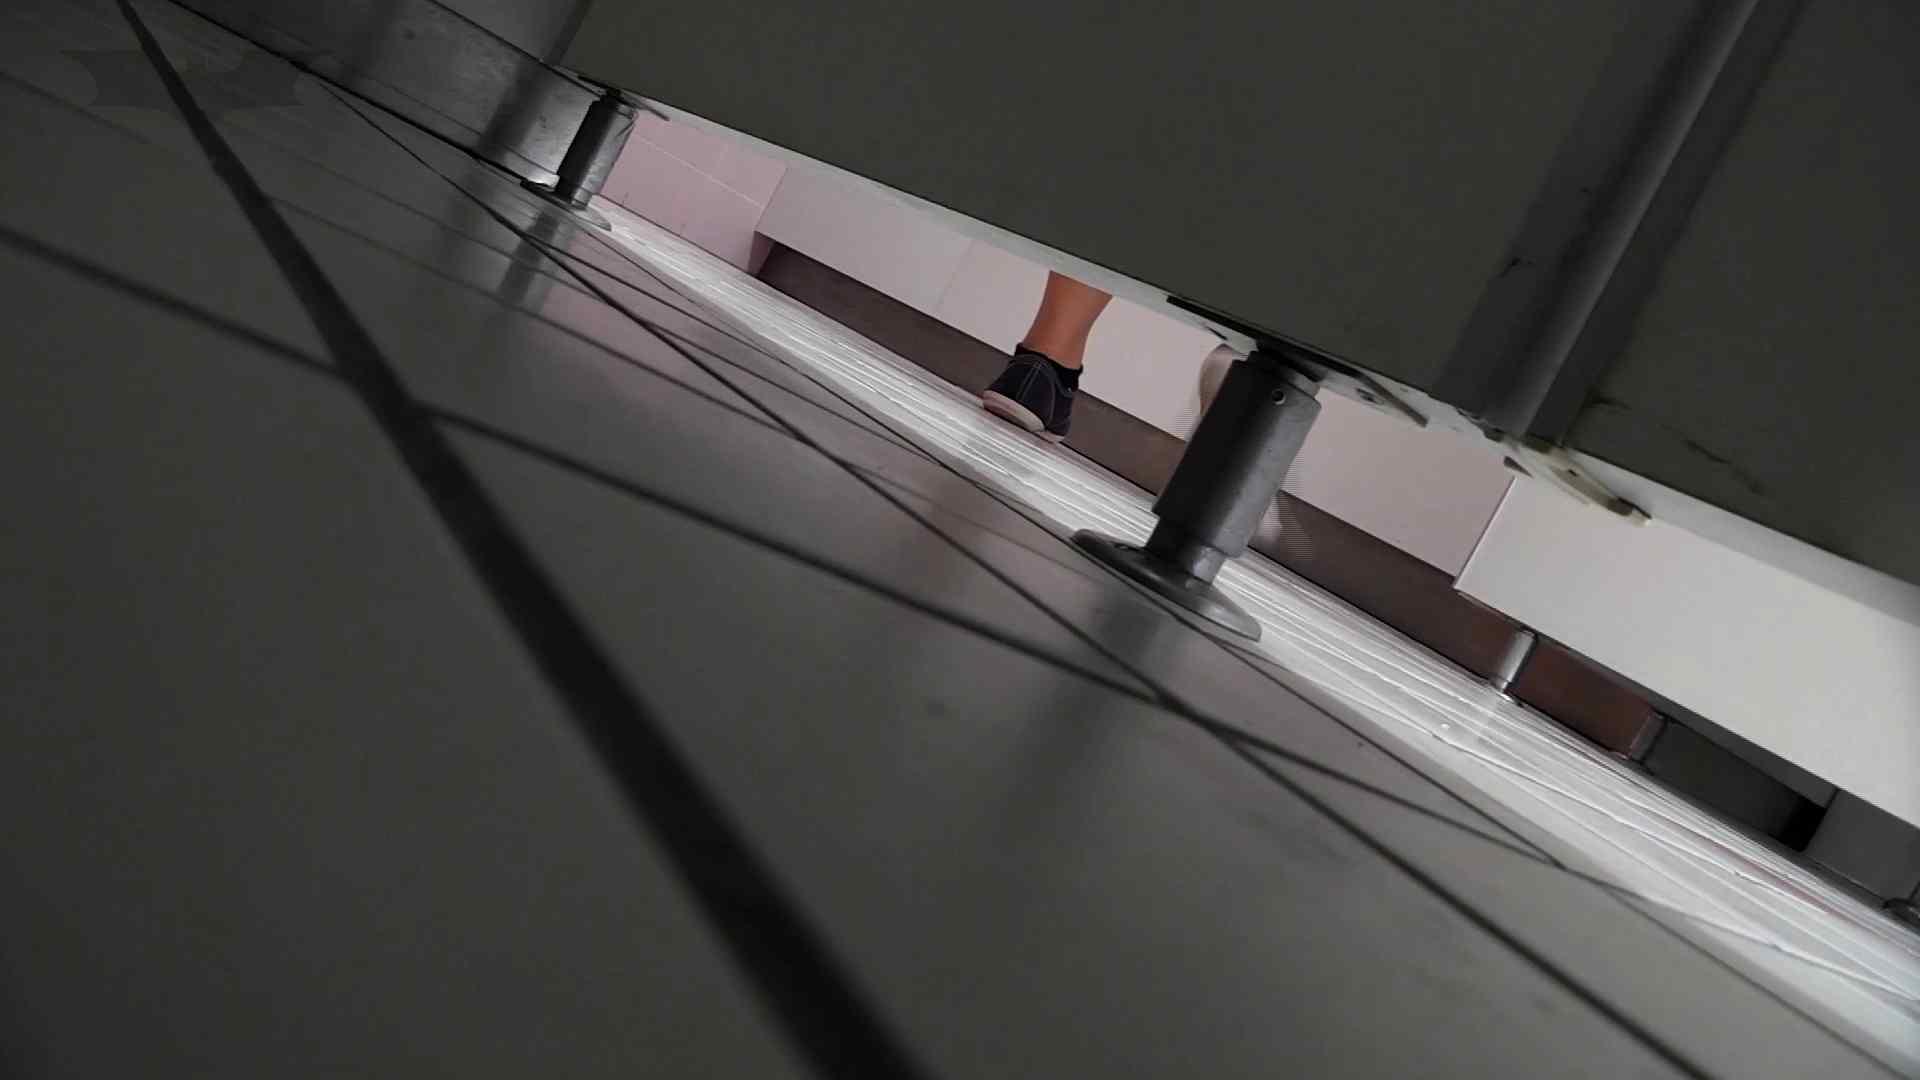 巨乳おまんこ:美しい日本の未来 No.37 モデルを追跡したら【2015・24位】:怪盗ジョーカー